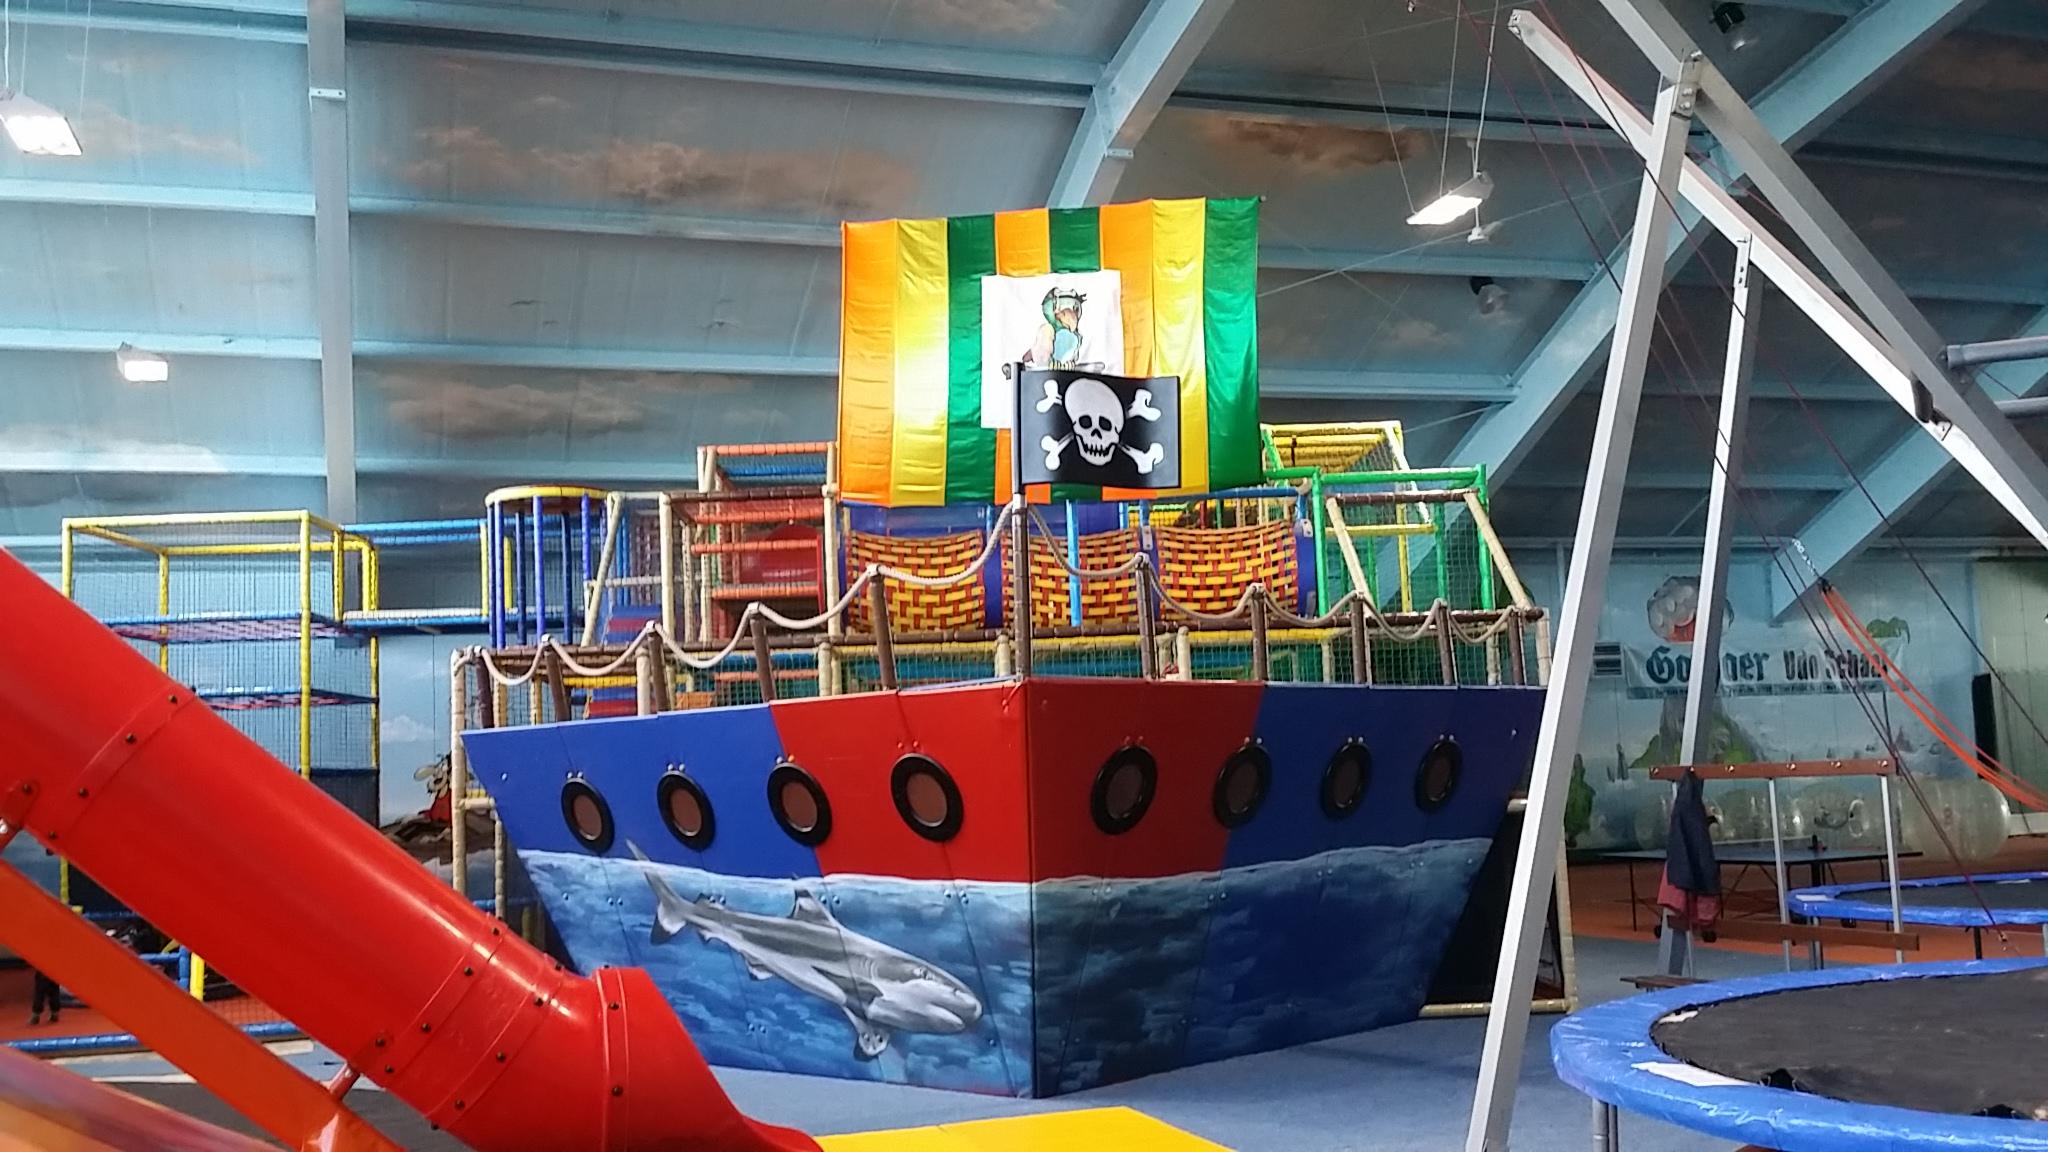 Piraten-Kletterschiff